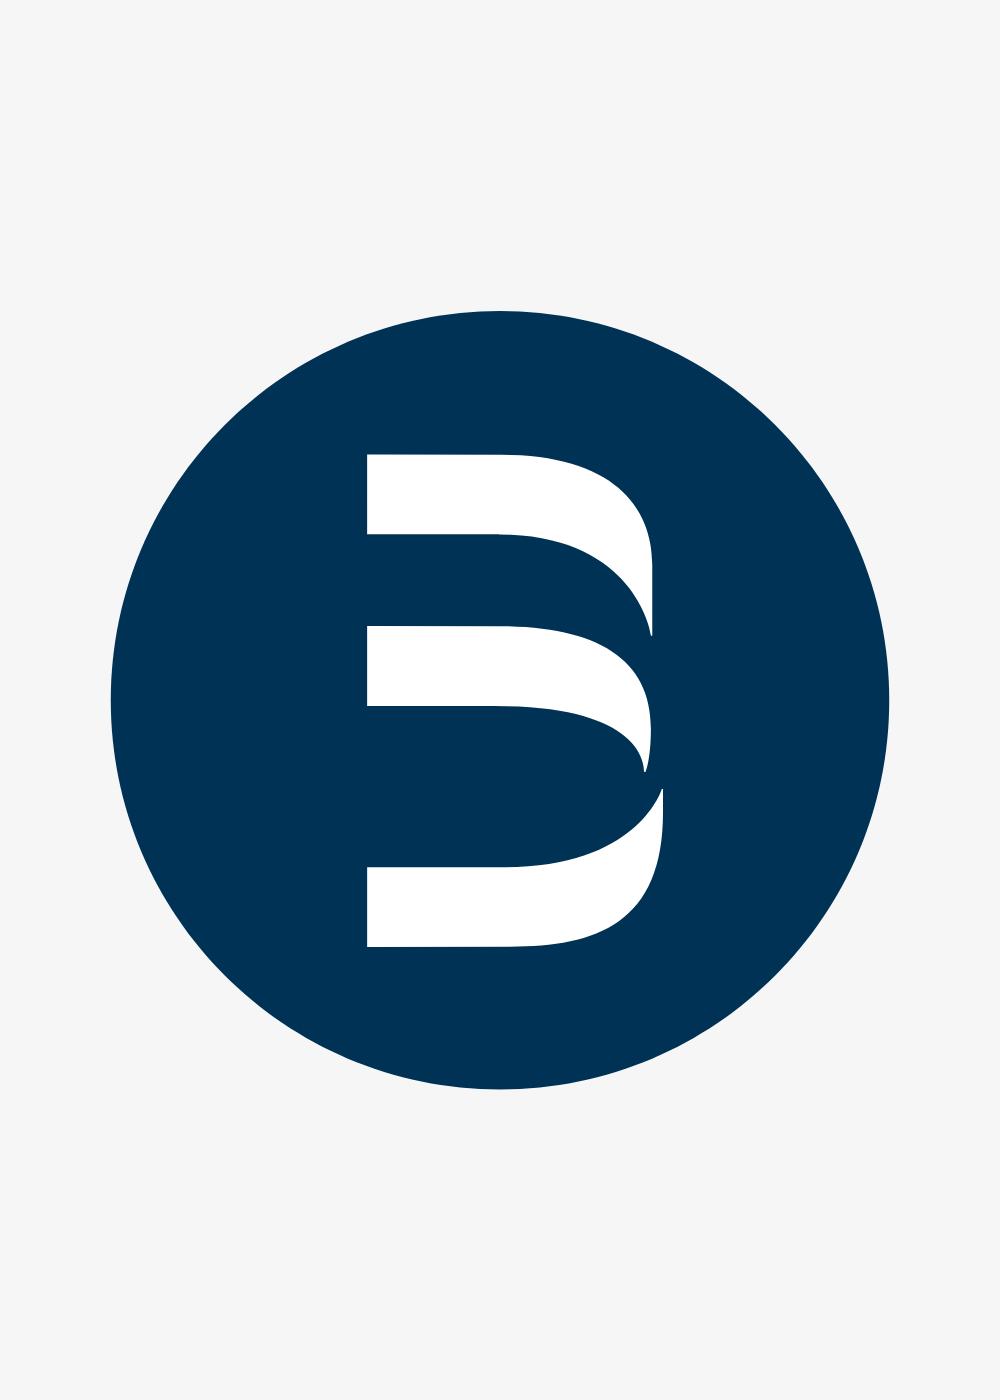 Bernstein Group Bildmarke